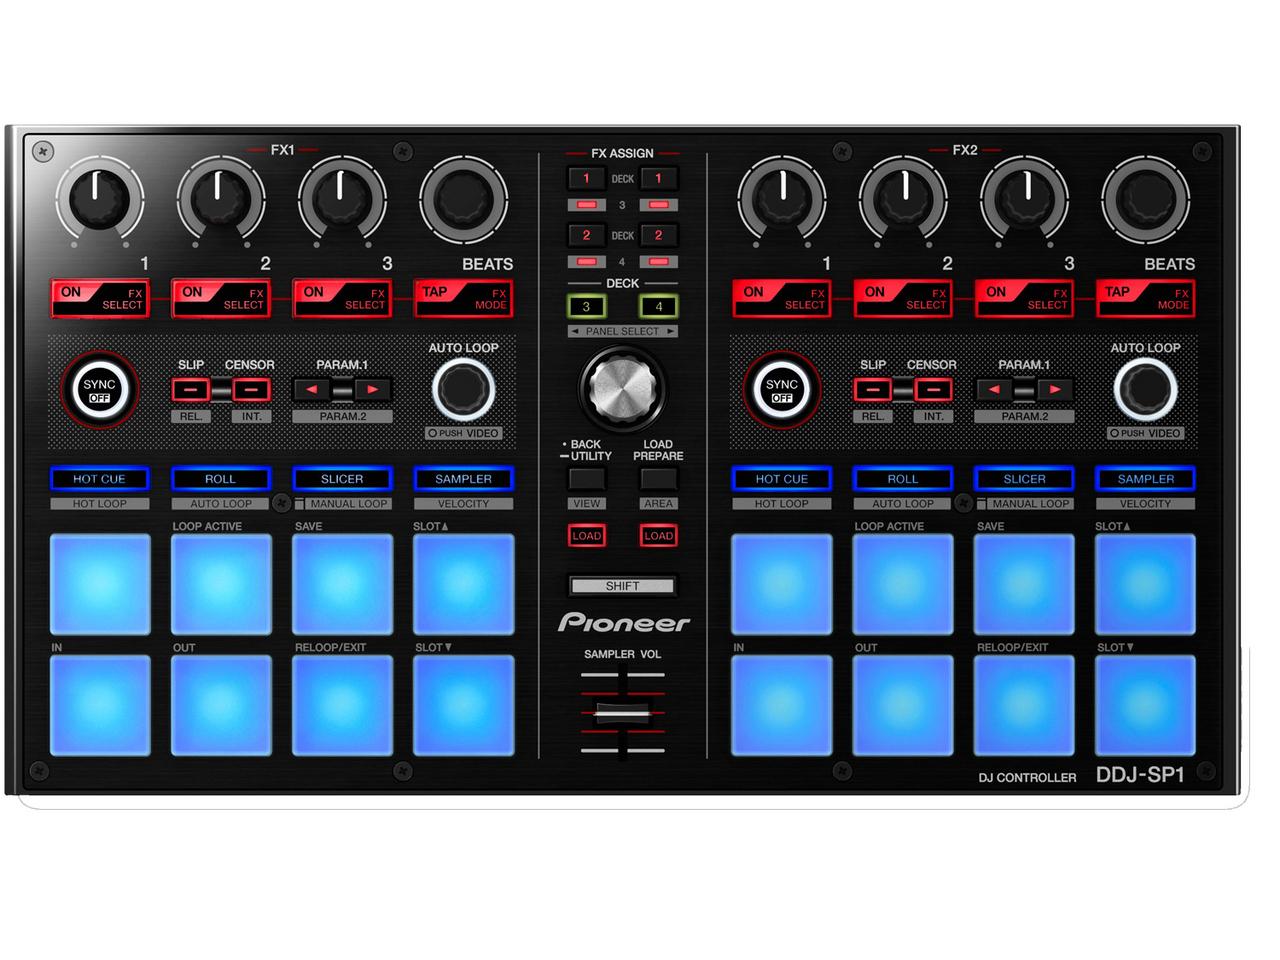 先鋒DJ DDJ-SP1 [效果/的DDJ-SX的焊盤部是獨立!] [!]